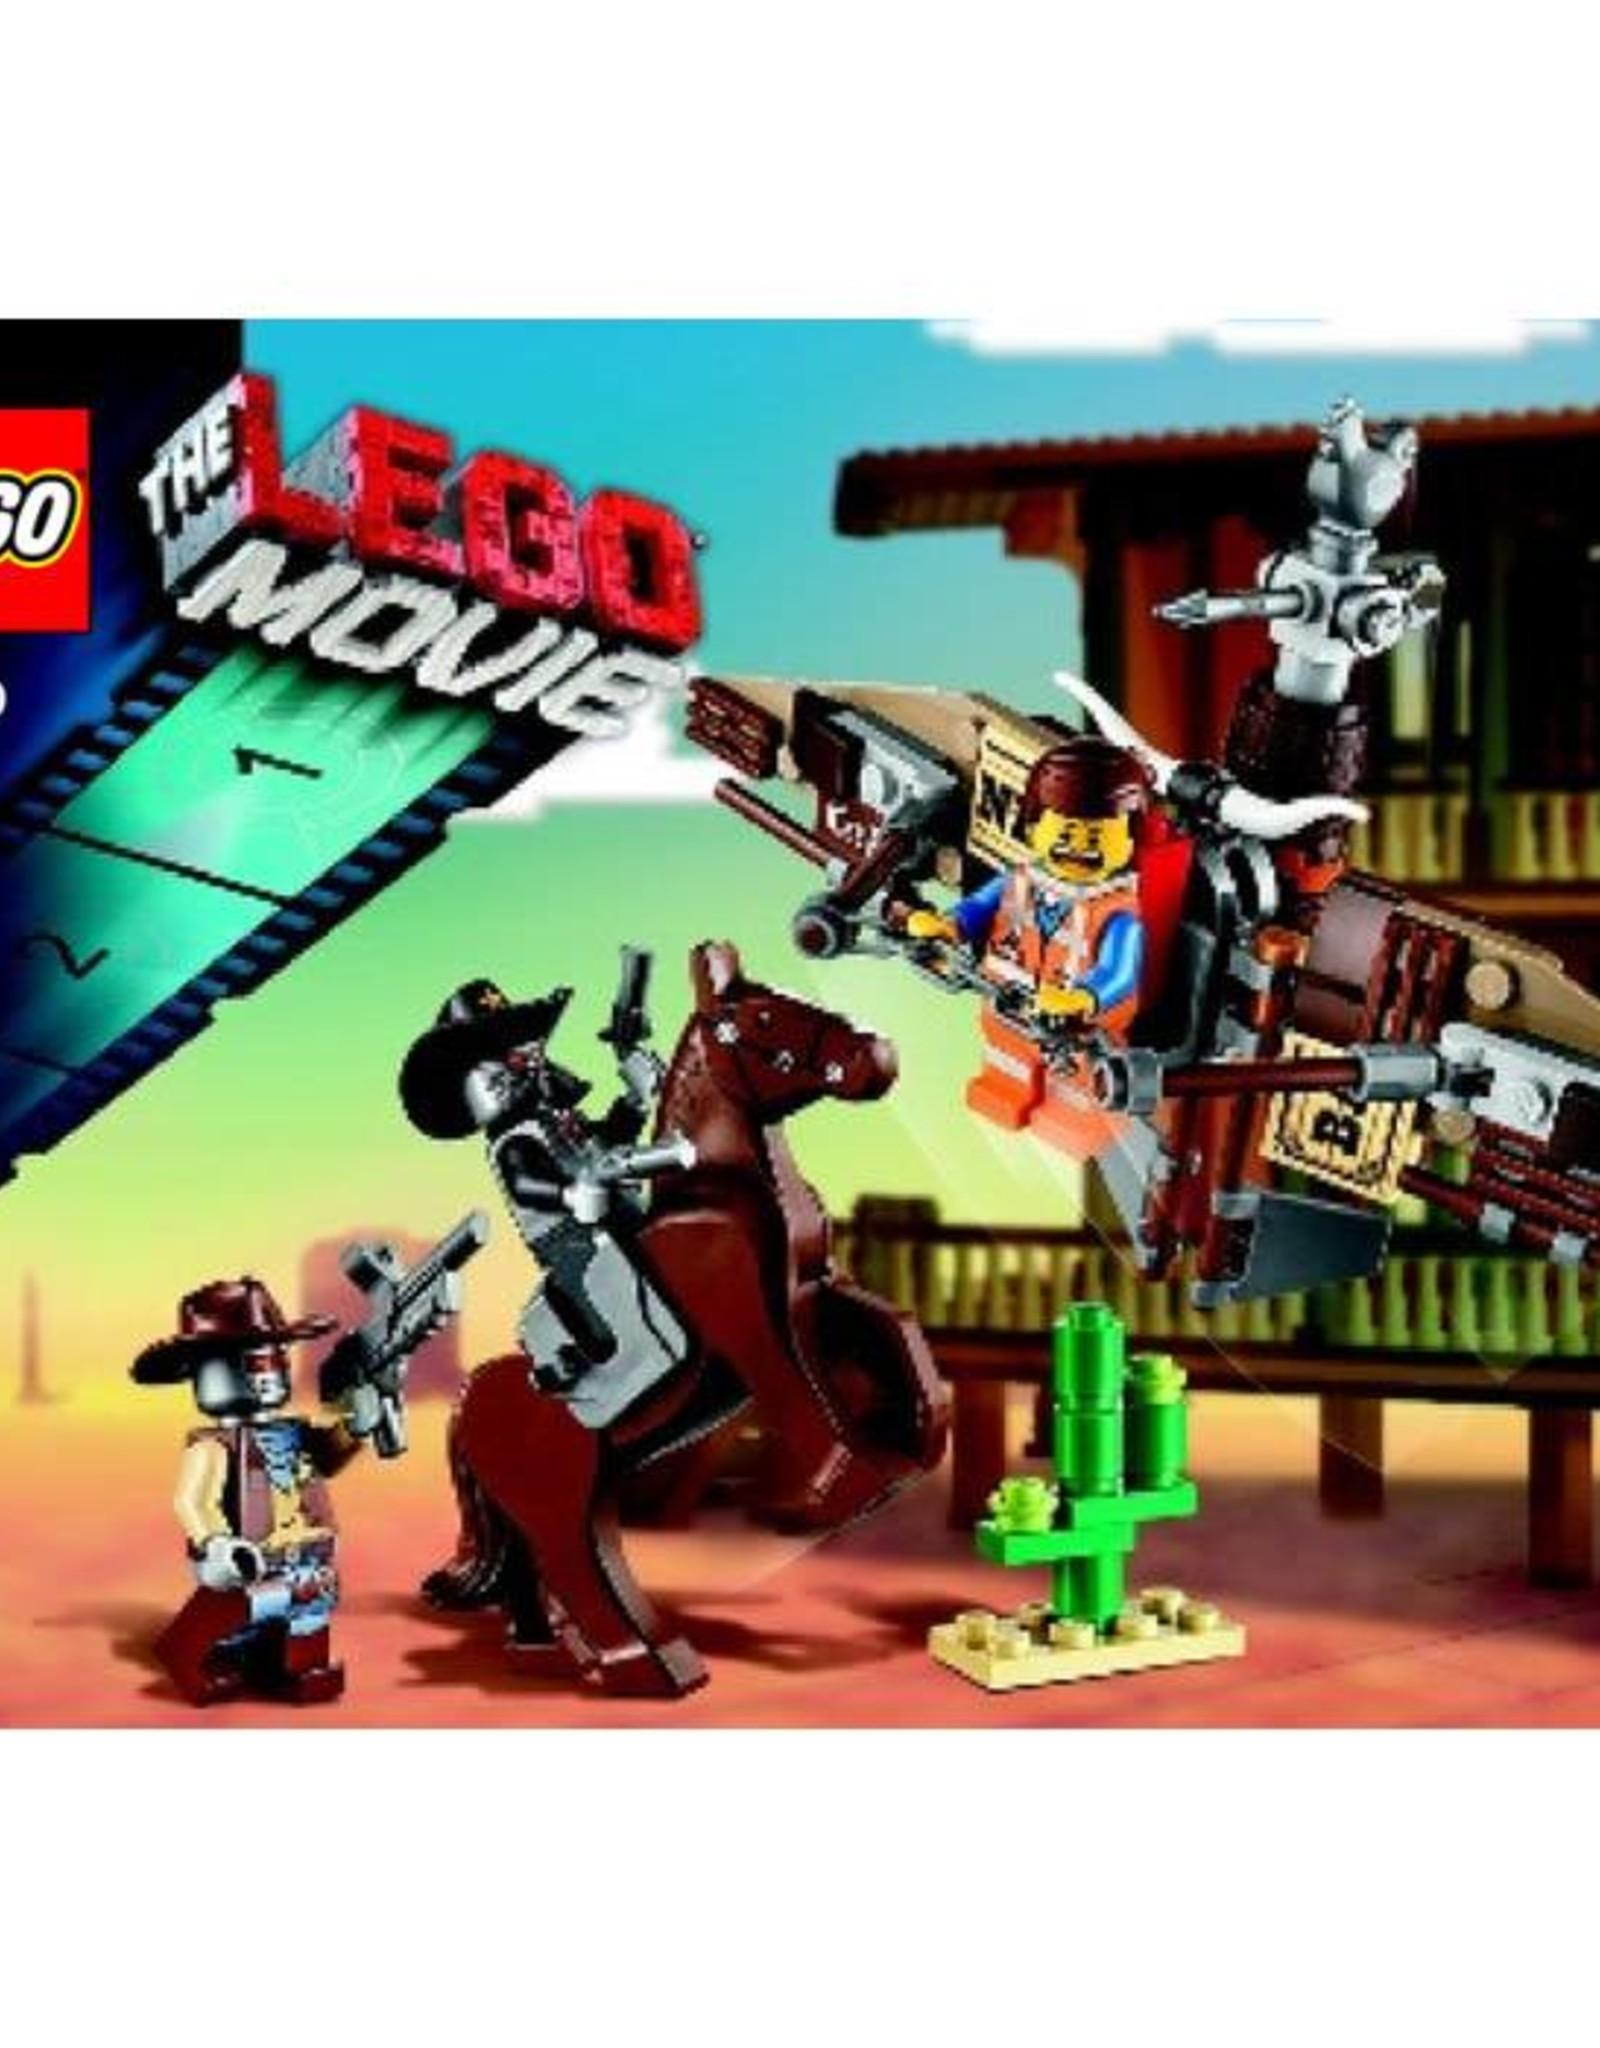 LEGO LEGO 70800 Getaway Glider MOVIE